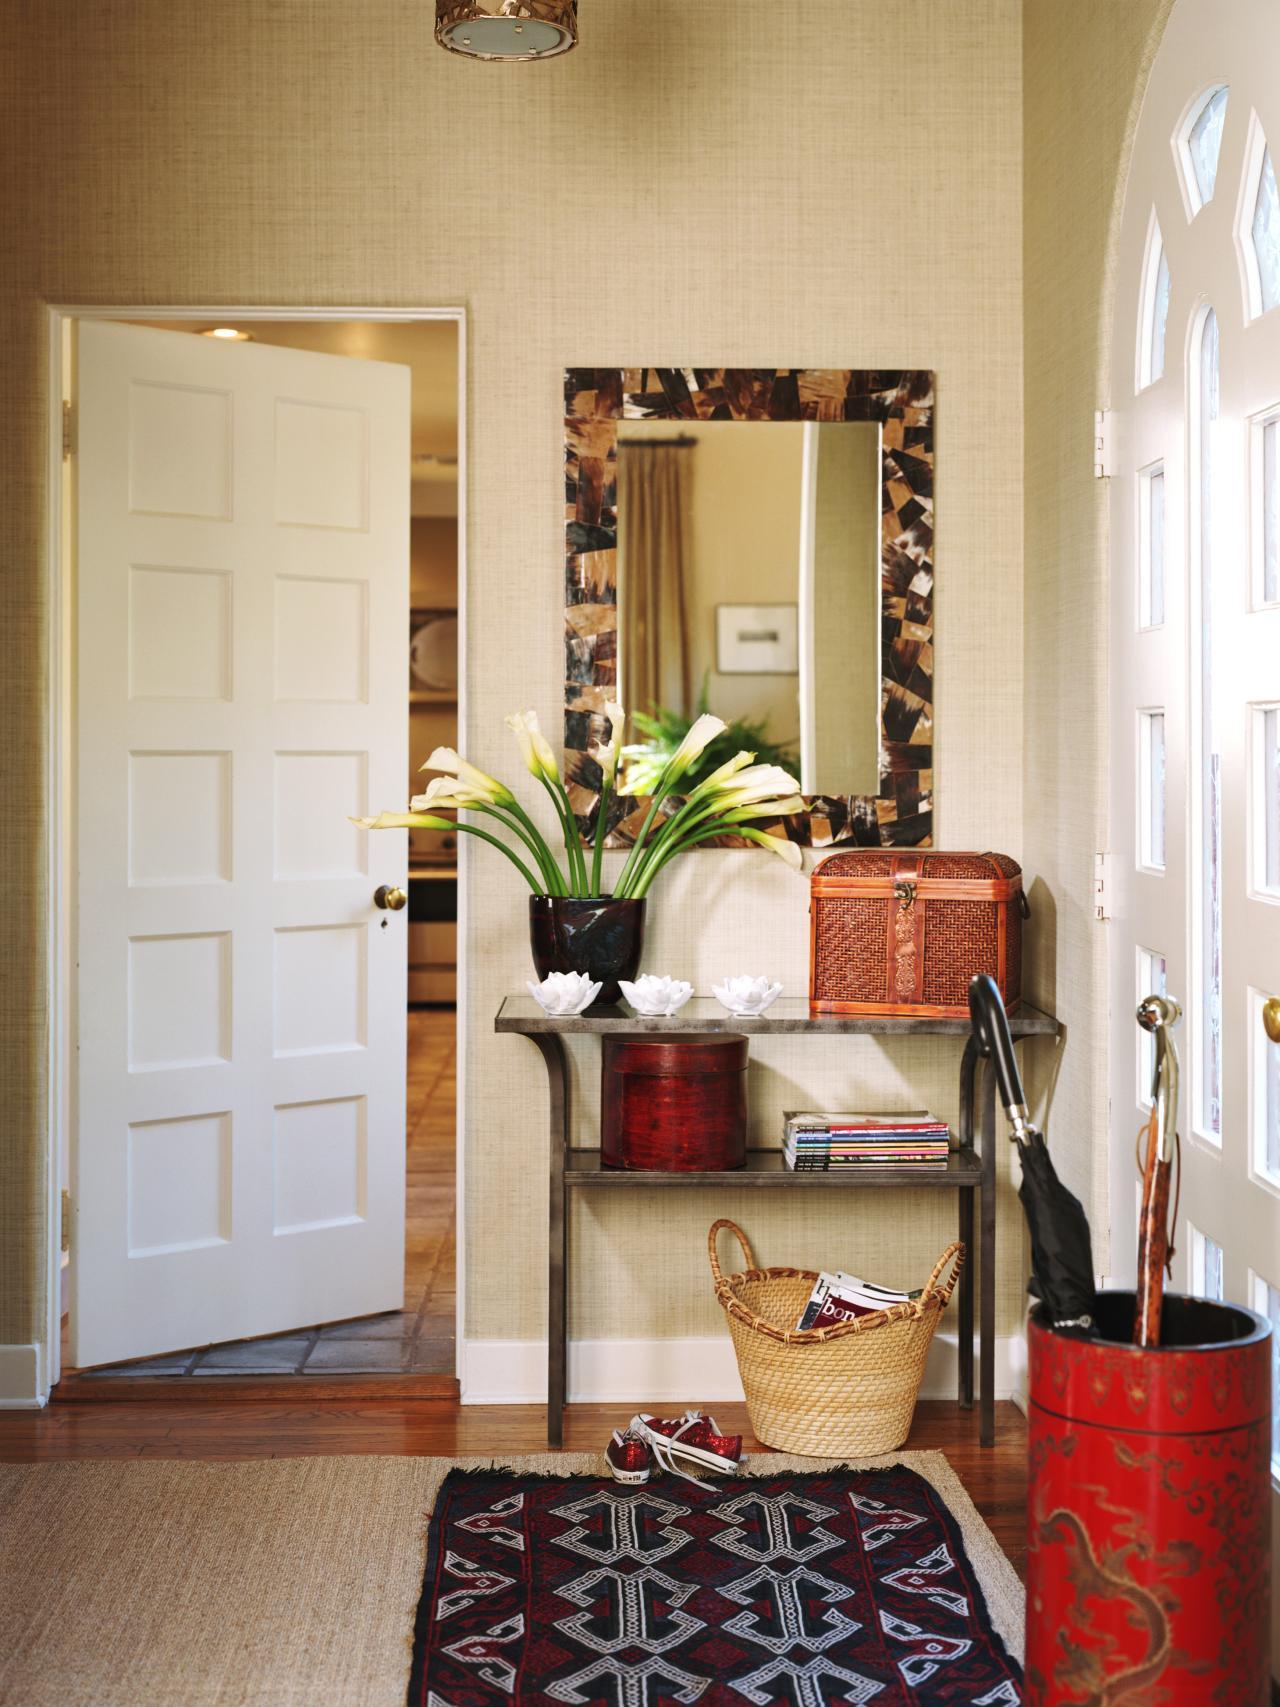 meubles-de-salon-idées-d'intérieur-table-de-salle-et-vintage-bois-pin-deco-deco-avec-miroir-mural-carré-aussi-entrée-consoles-tables-table-rustique-entrée